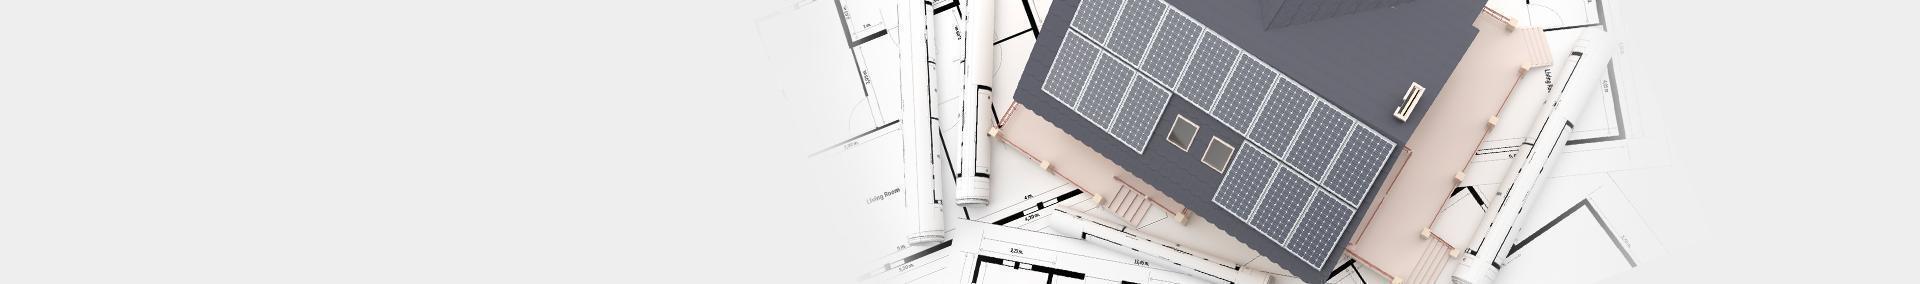 Projekty architektoniczne, makieta dachu z solarami